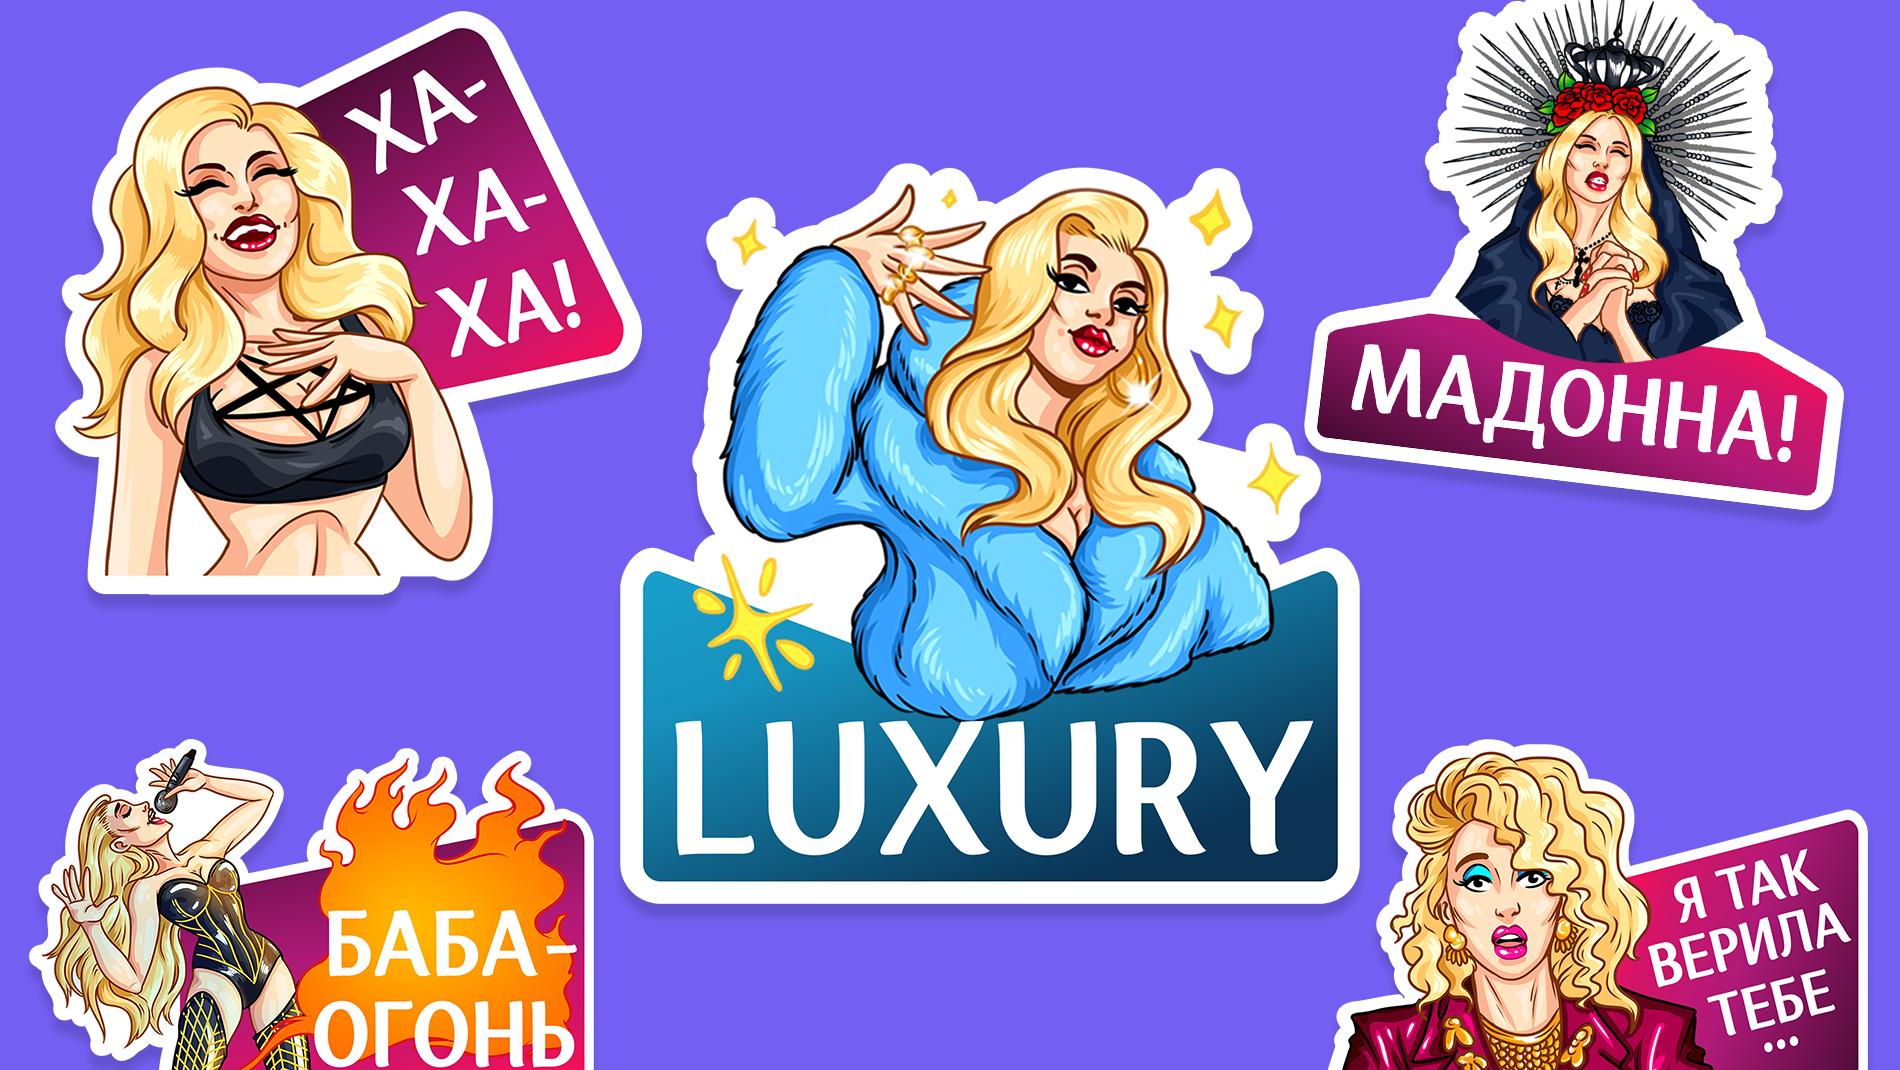 Viber выпустил именные стикеры поп-дивы Оли Поляковой